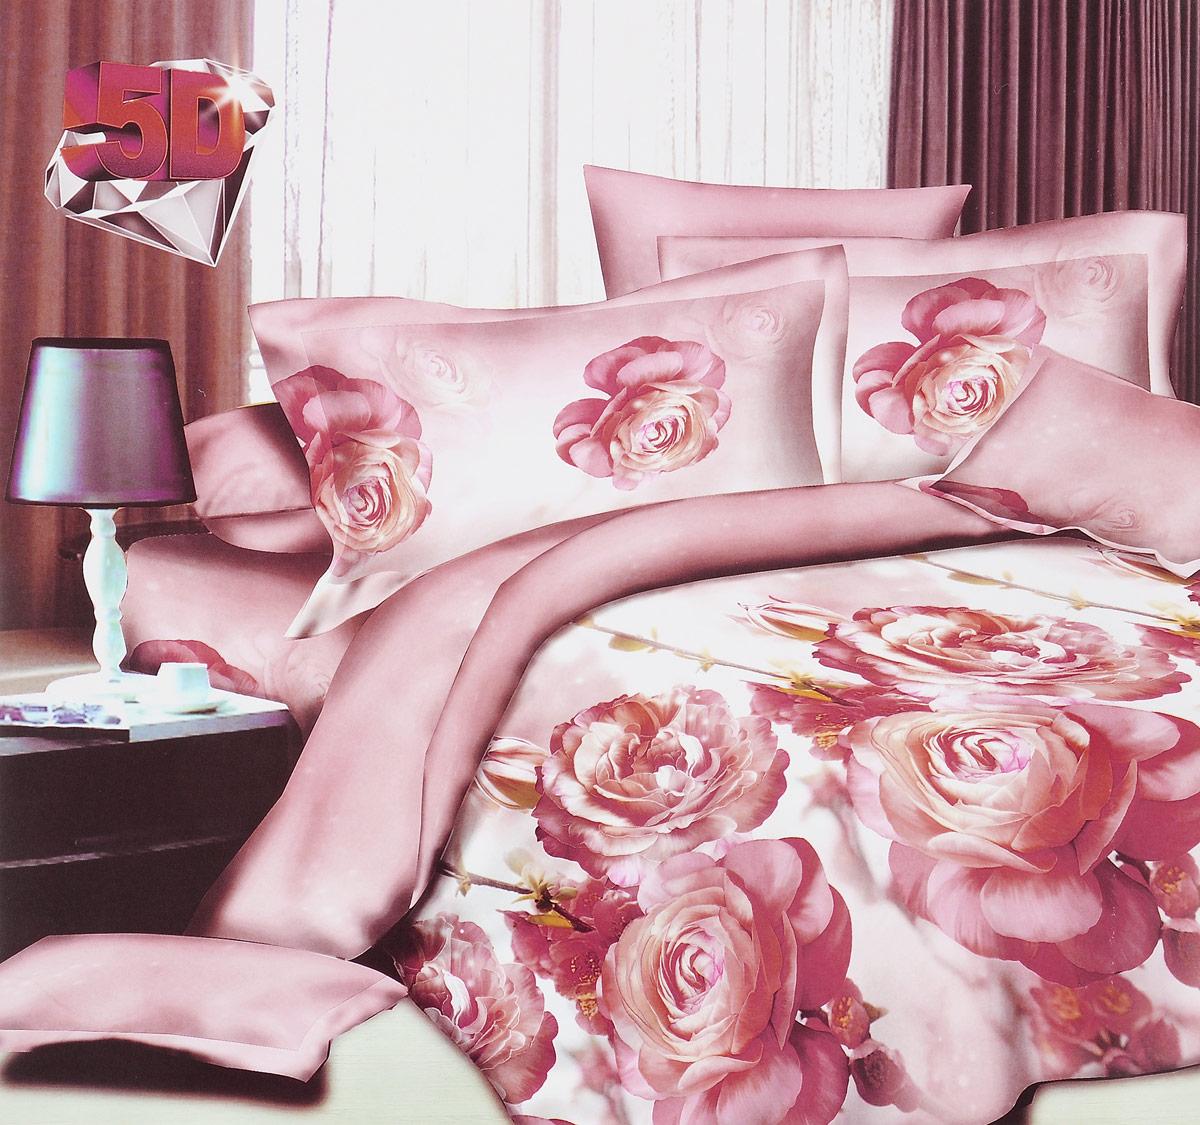 """Комплект белья ЭГО """"Южная Роза"""" выполнен из полисатина (50% хлопка,   50% полиэстера). Комплект состоит из пододеяльника, простыни и двух   наволочек. Постельное белье имеет изысканный внешний вид и   яркую цветовую гамму.  Гладкая структура делает ткань приятной на ощупь, мягкой и нежной,   при этом она прочная и хорошо сохраняет форму. Ткань легко   гладится, не линяет и не садится.  Приобретая комплект постельного белья ЭГО """"Южная Роза"""",   вы можете быть уверенны в том, что покупка доставит вам и   вашим близким удовольствие и подарит максимальный   комфорт.      Советы по выбору постельного белья от блогера Ирины Соковых. Статья OZON Гид"""